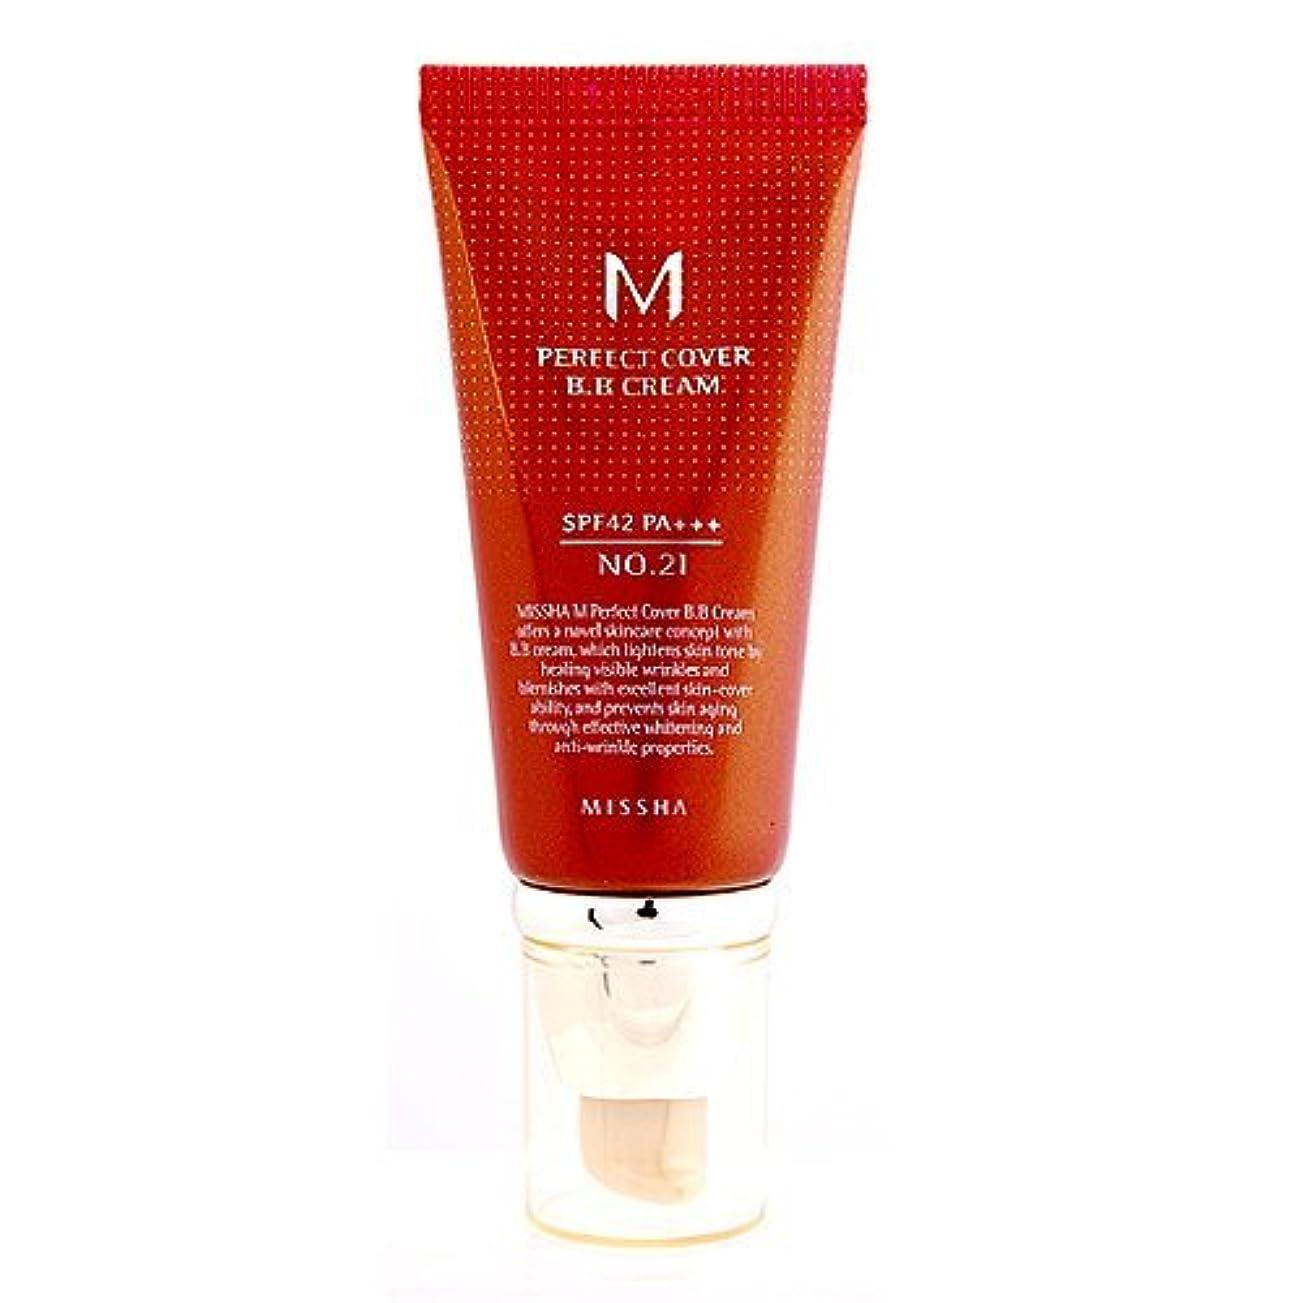 呼吸する海嶺服を着るMissha M Perfect Cover B.B. Cream SPF 42 PA+++ 21 Light Beige, 1.69oz, 50ml